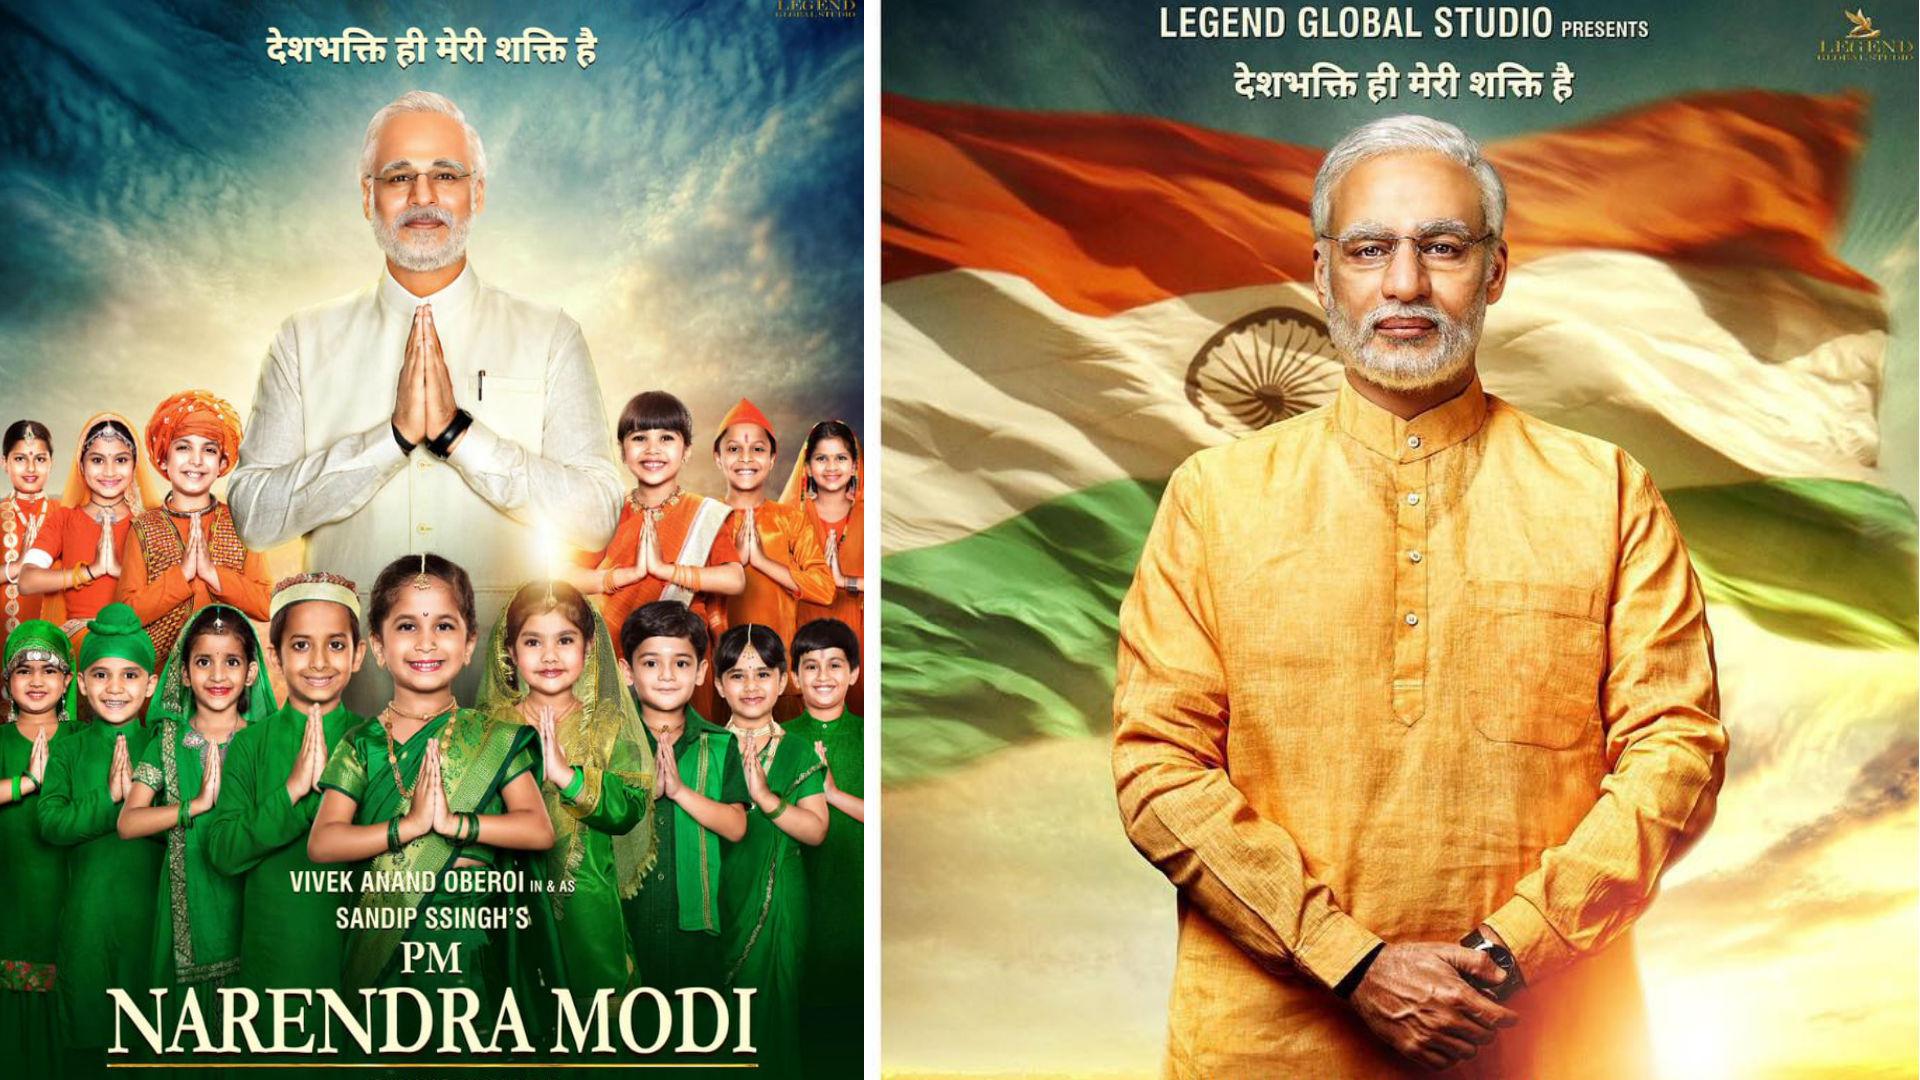 फिल्म पीएम नरेंद्र मोदी पर रोक लगाने से चुनाव आयोग का इंकार, कहा- सेंसर बोर्ड ले आखिरी फैसला